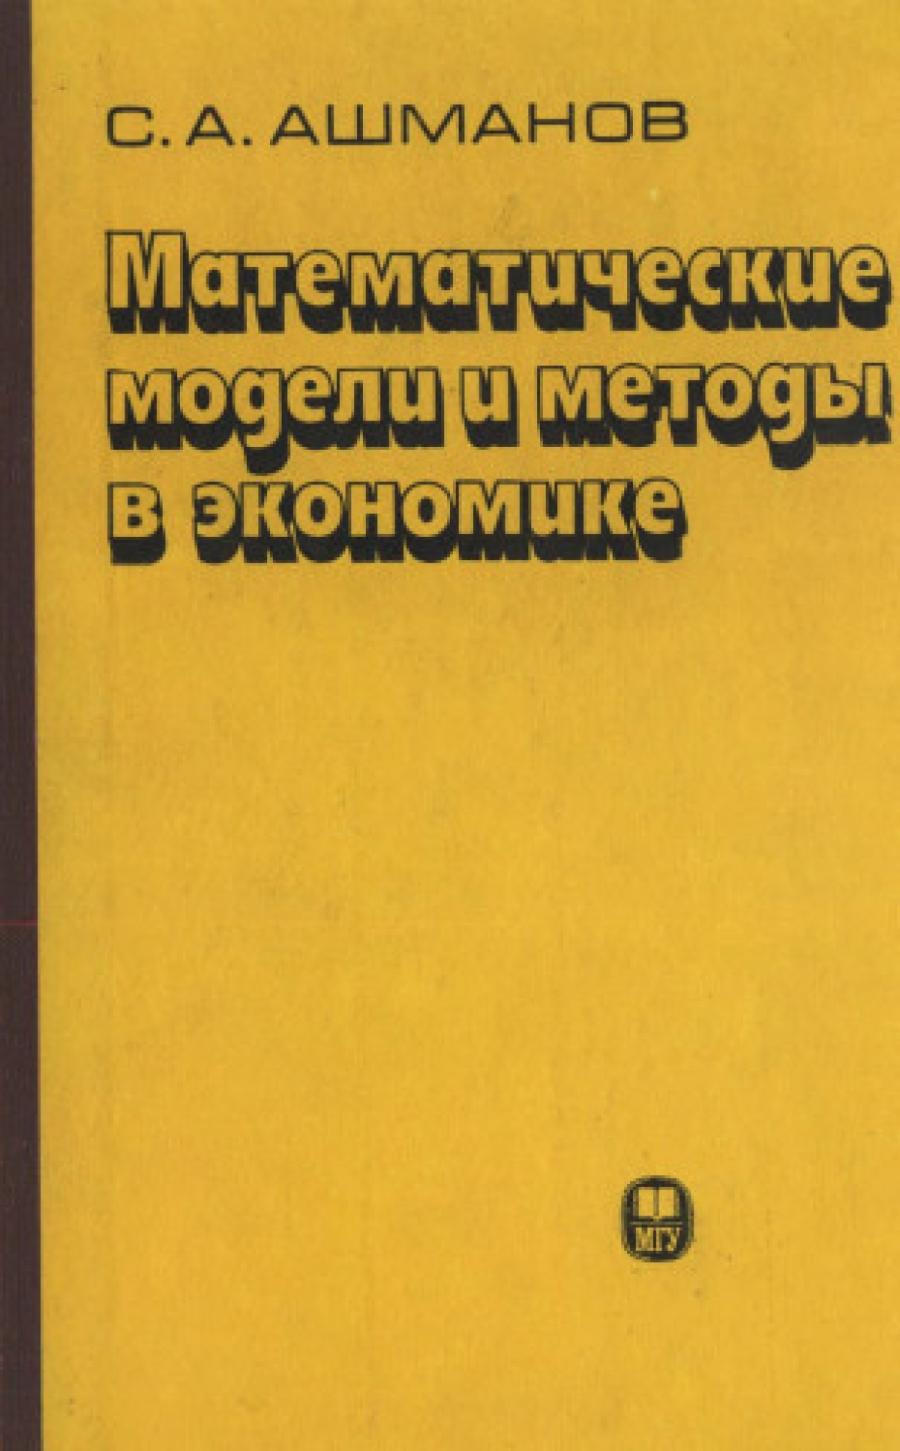 Обложка книги:  ашманов с.а. - математические модели и методы в экономике